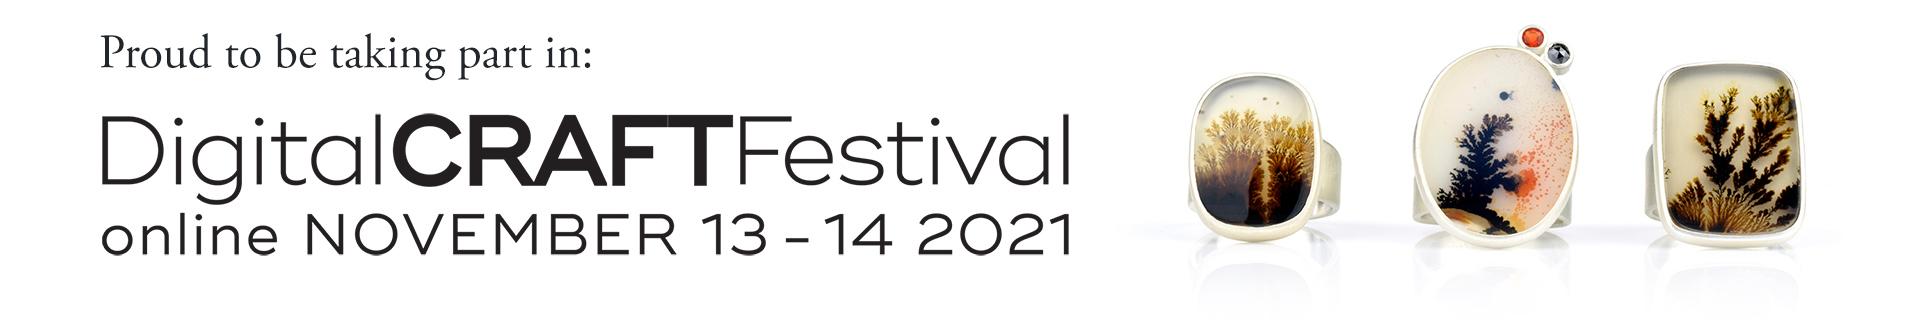 Digital Craft Festival November 2021